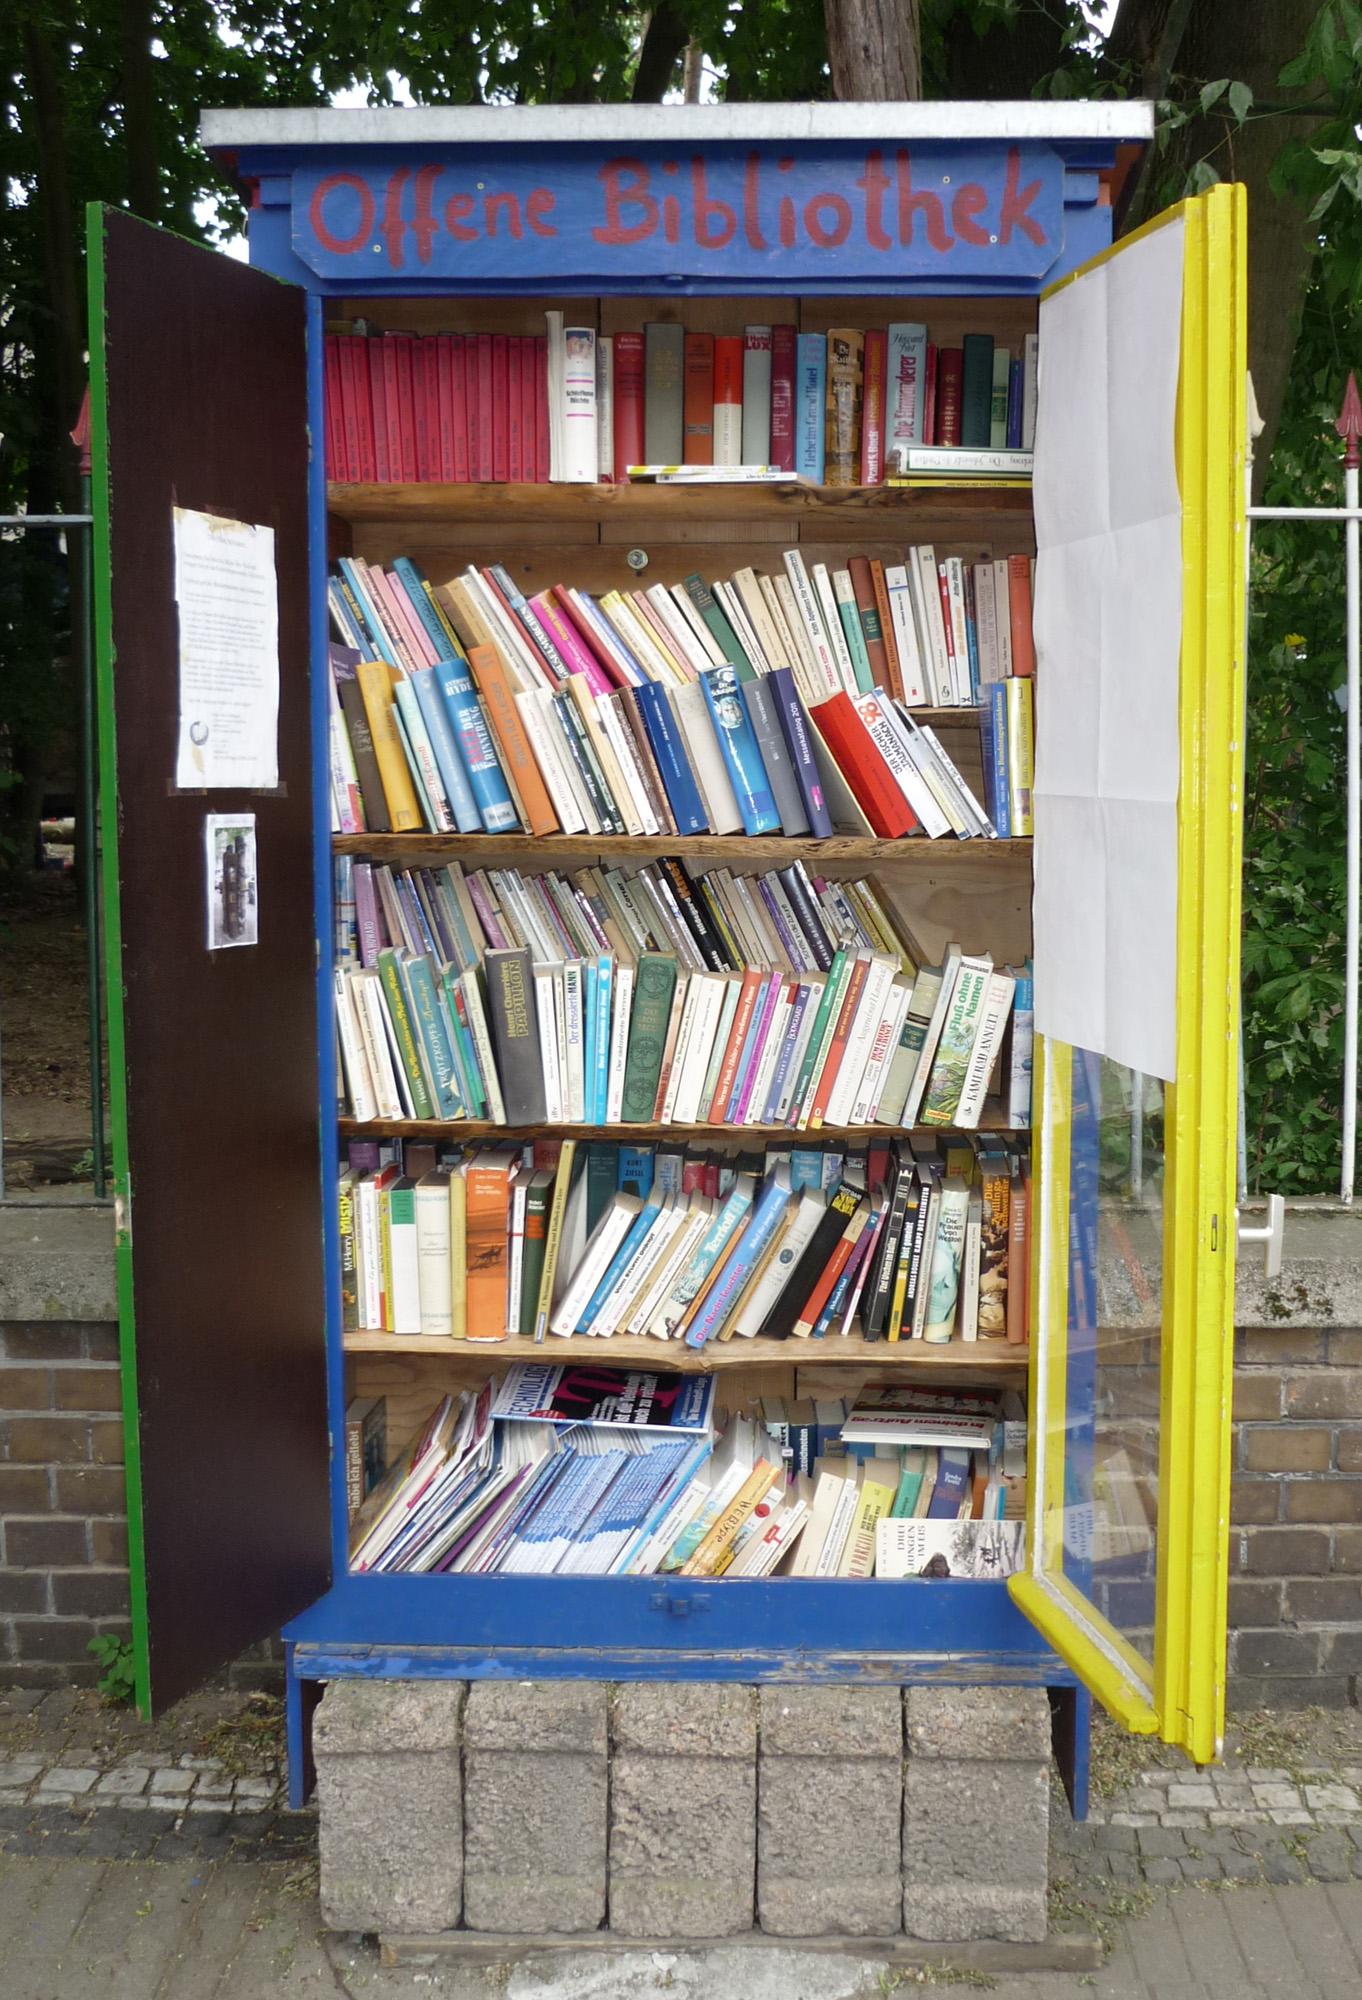 Bunter Unterschlupf für reisende Bücher   StraBaDa